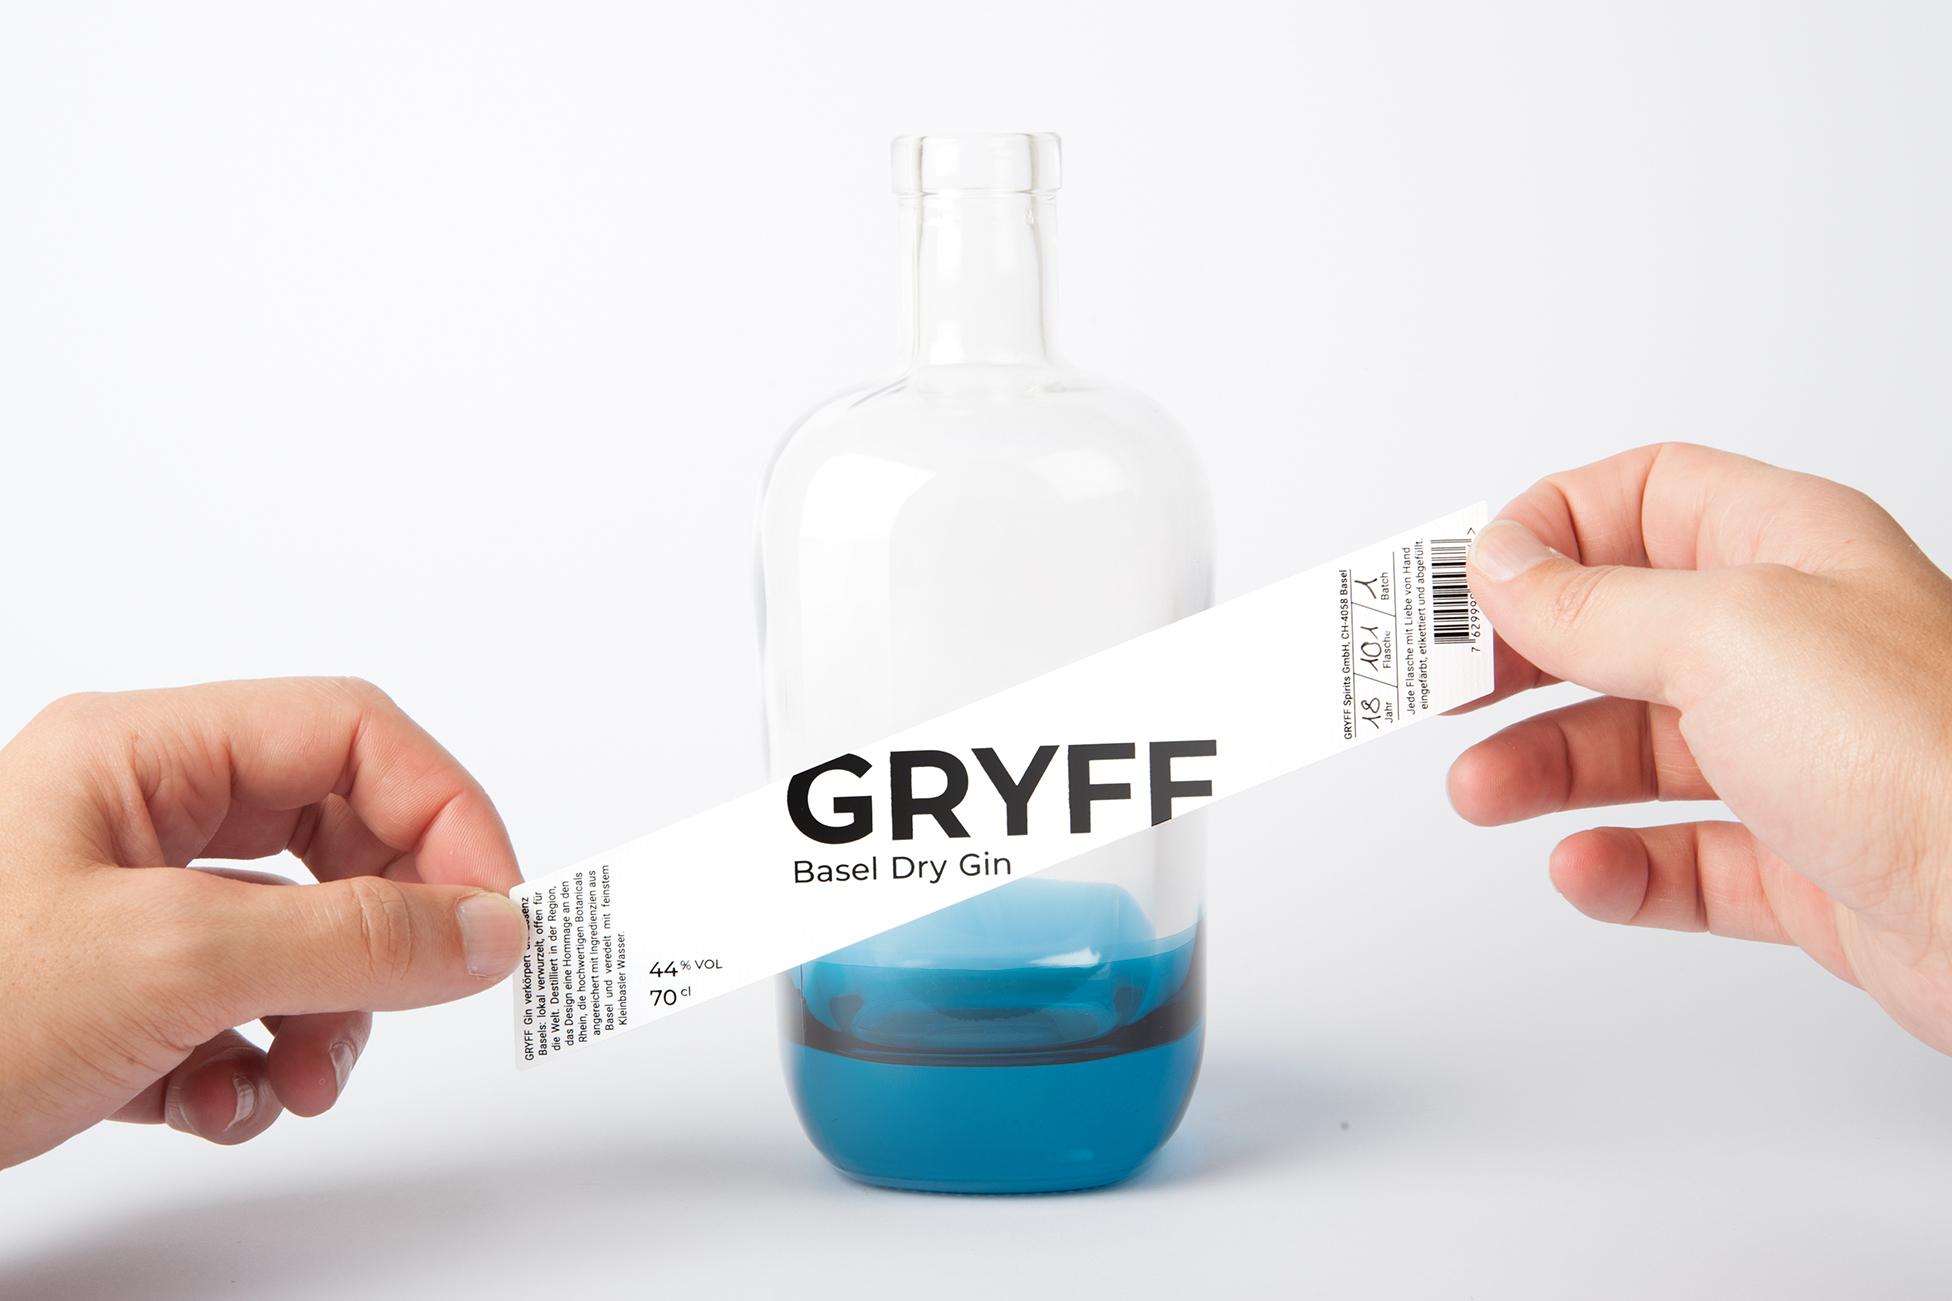 GRYFF_GIN_Etikette_aufkleben2_kl.jpg